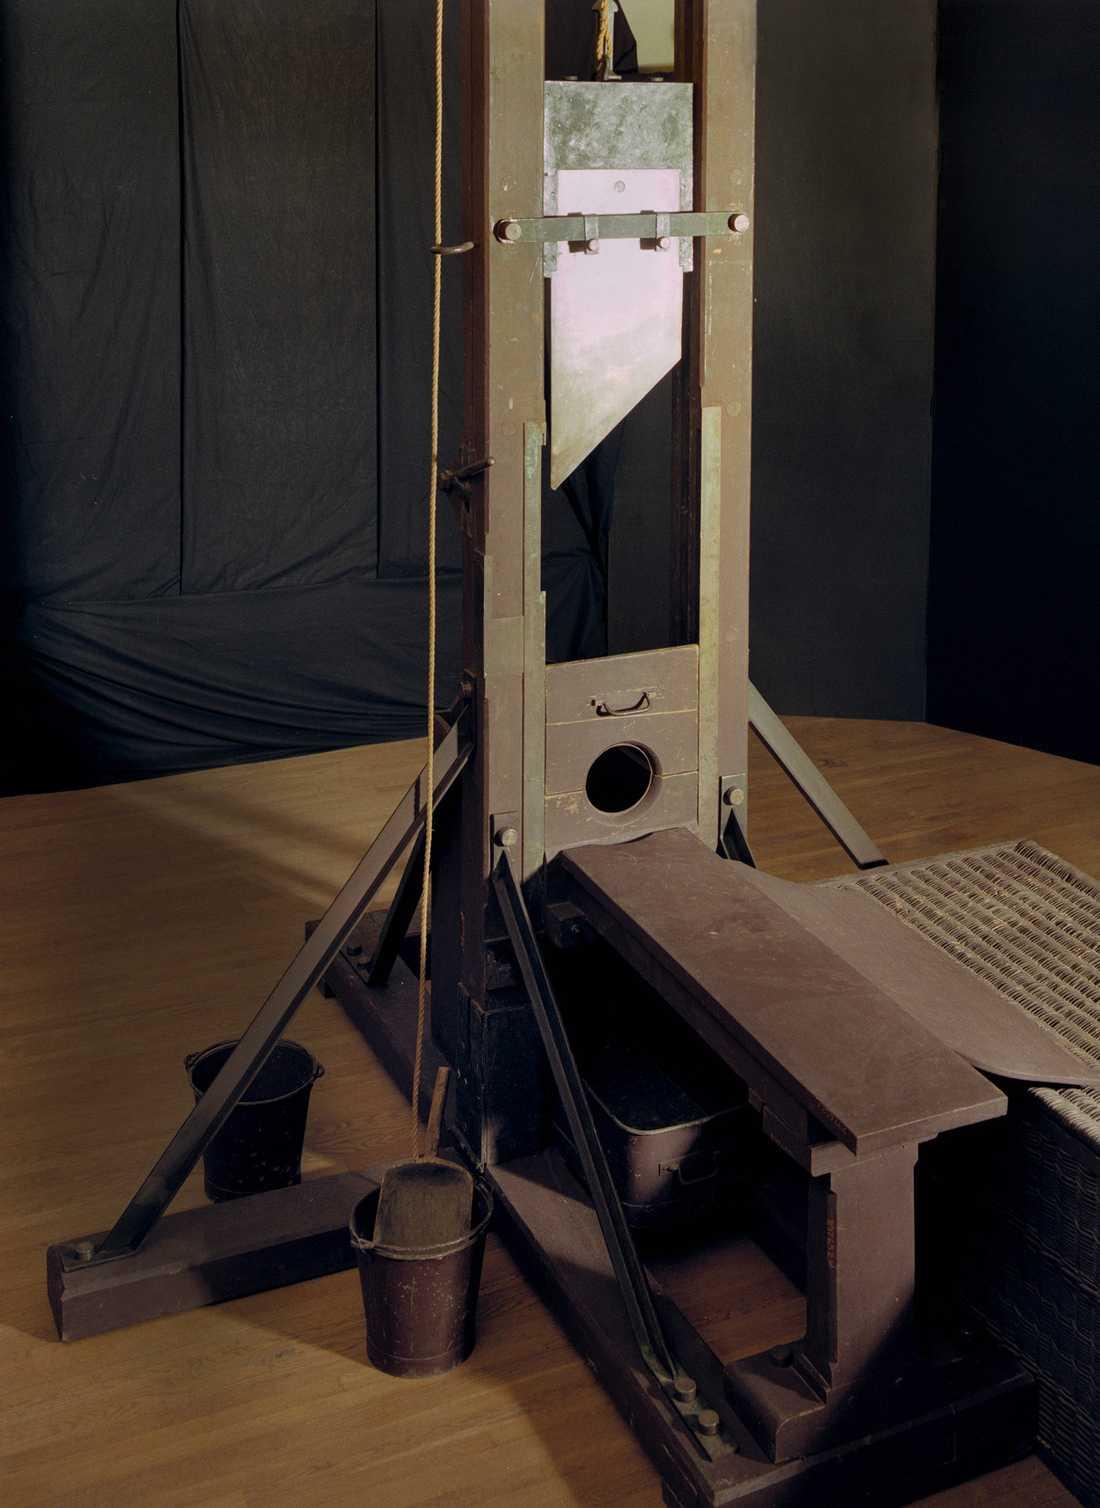 Det var både första och sista gången giljotinen användes. Den finns nu på Nordiska museet i Stockholm.